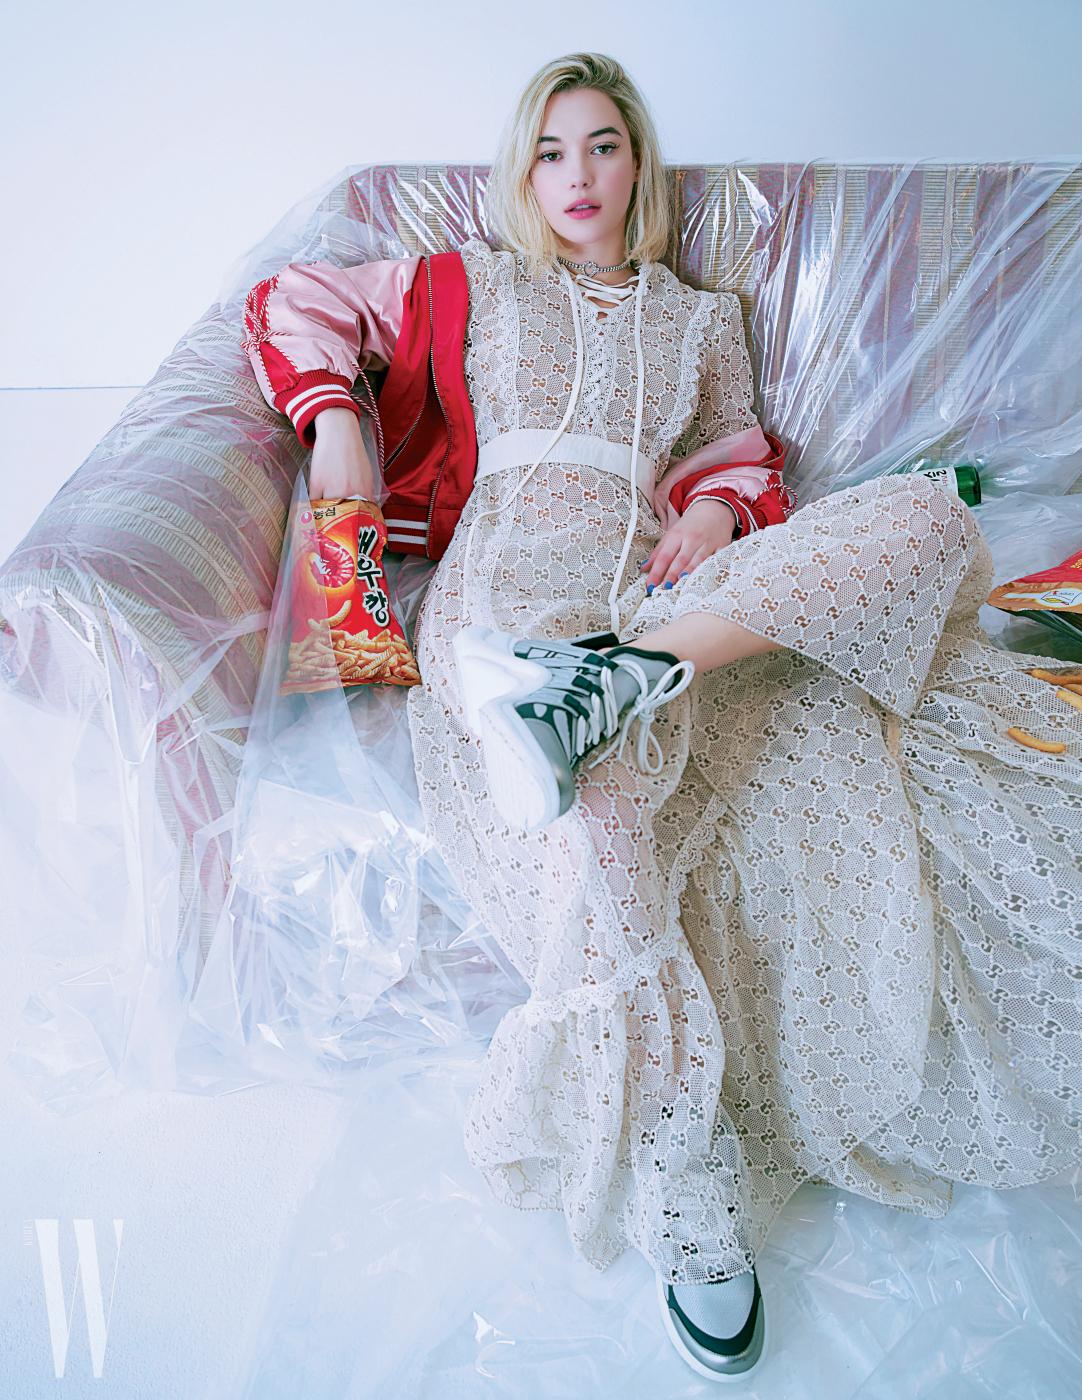 스포티한 보머 재킷은 Eyeye, 아일릿 장식 롱 드레스는 Gucci, 대디 스니커는 Louis Vuitton, 하트 모티프의 크리스털 초커는 Vintagehollywood 제품.